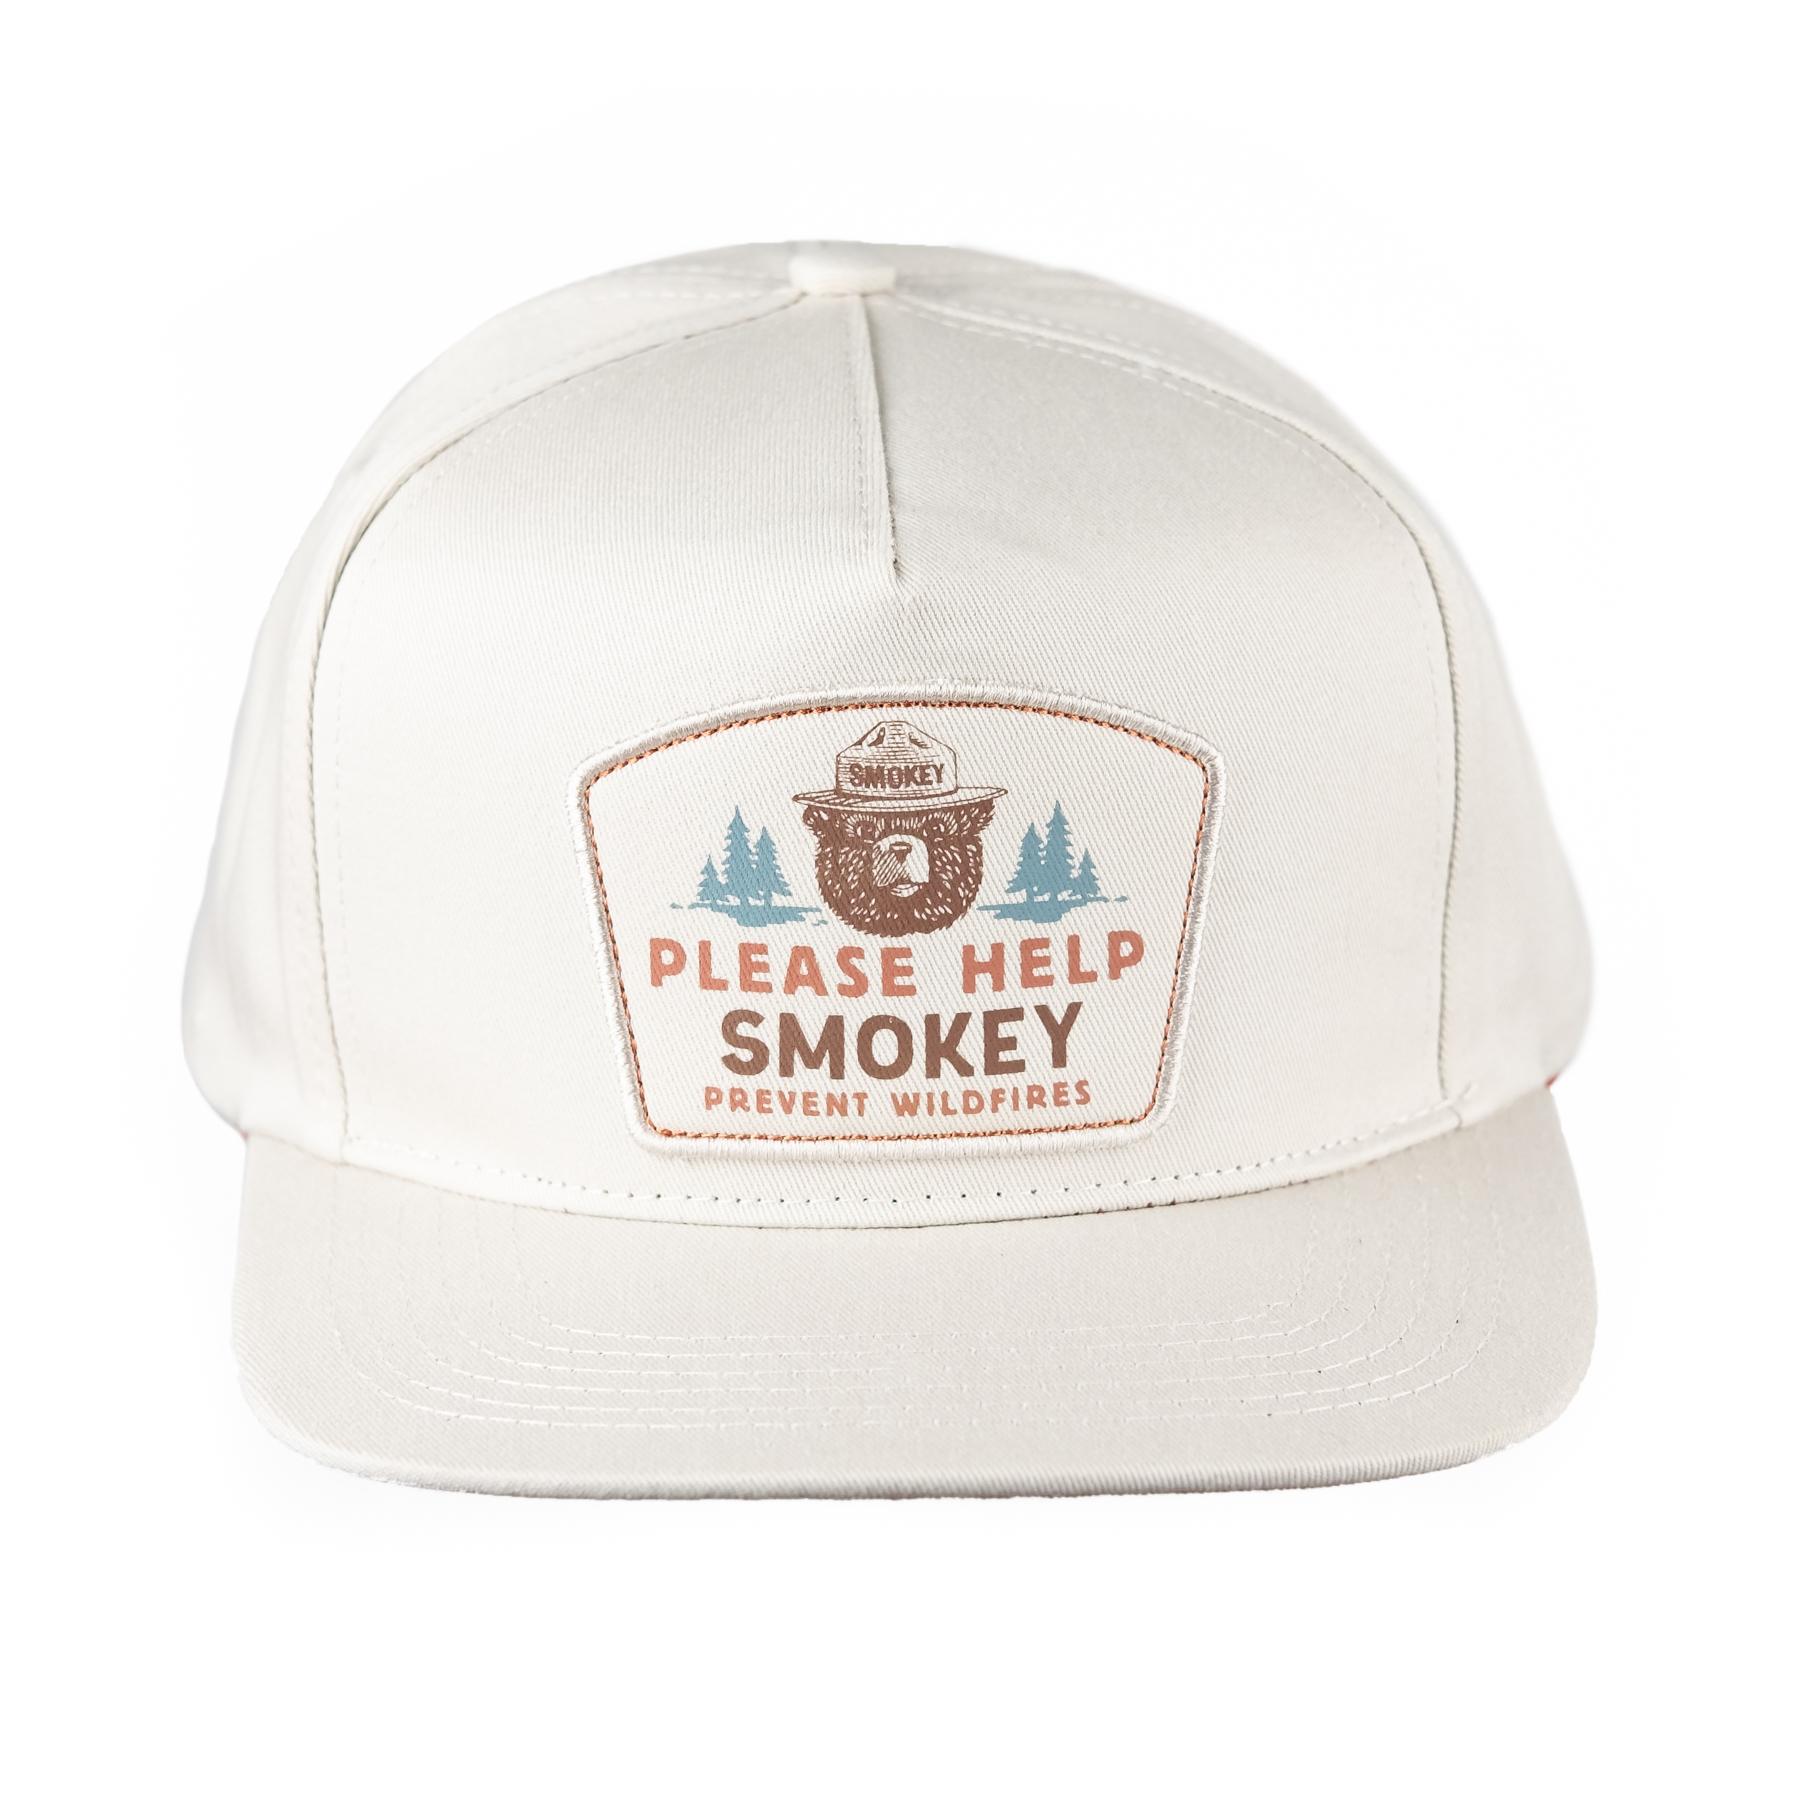 please-help-smokey-hat-2.jpg